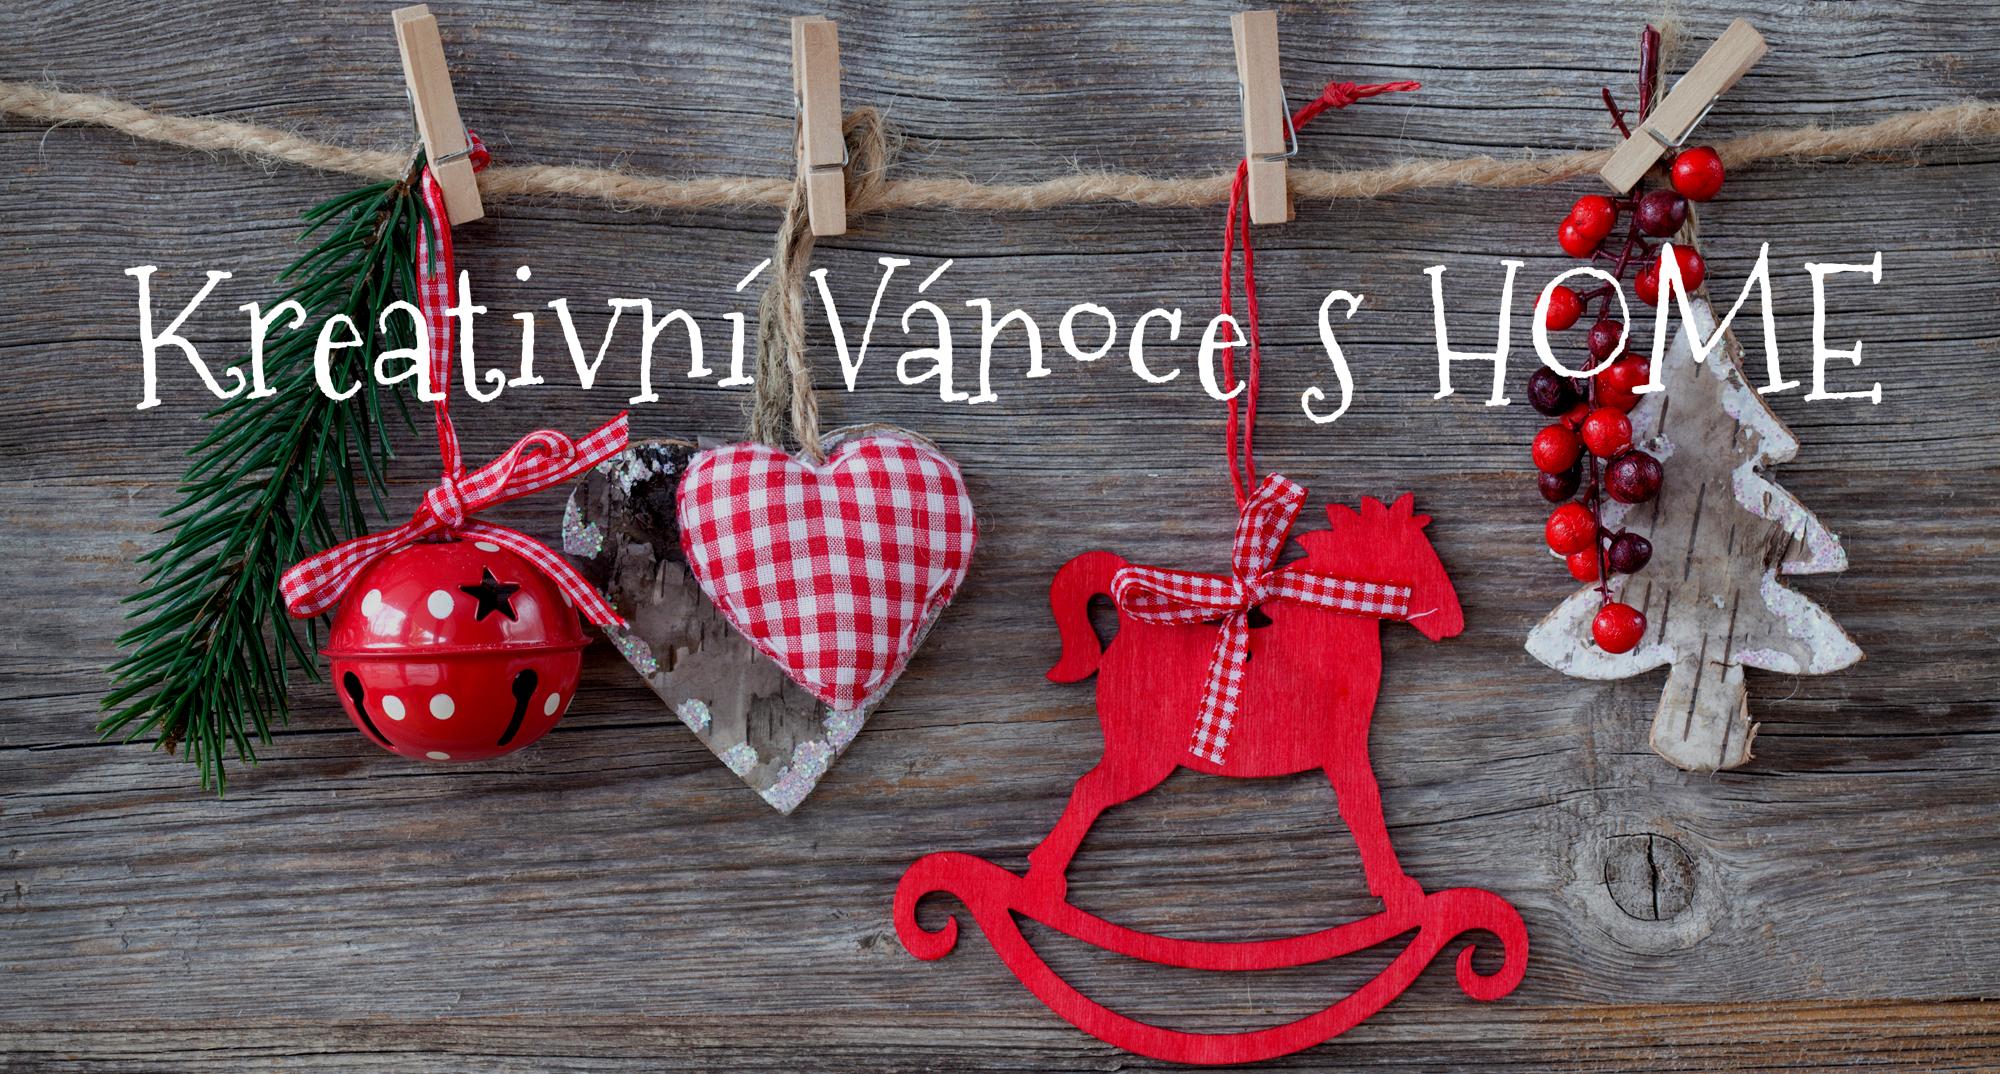 SOUTĚŽ: Kreativní Vánoce s HOME